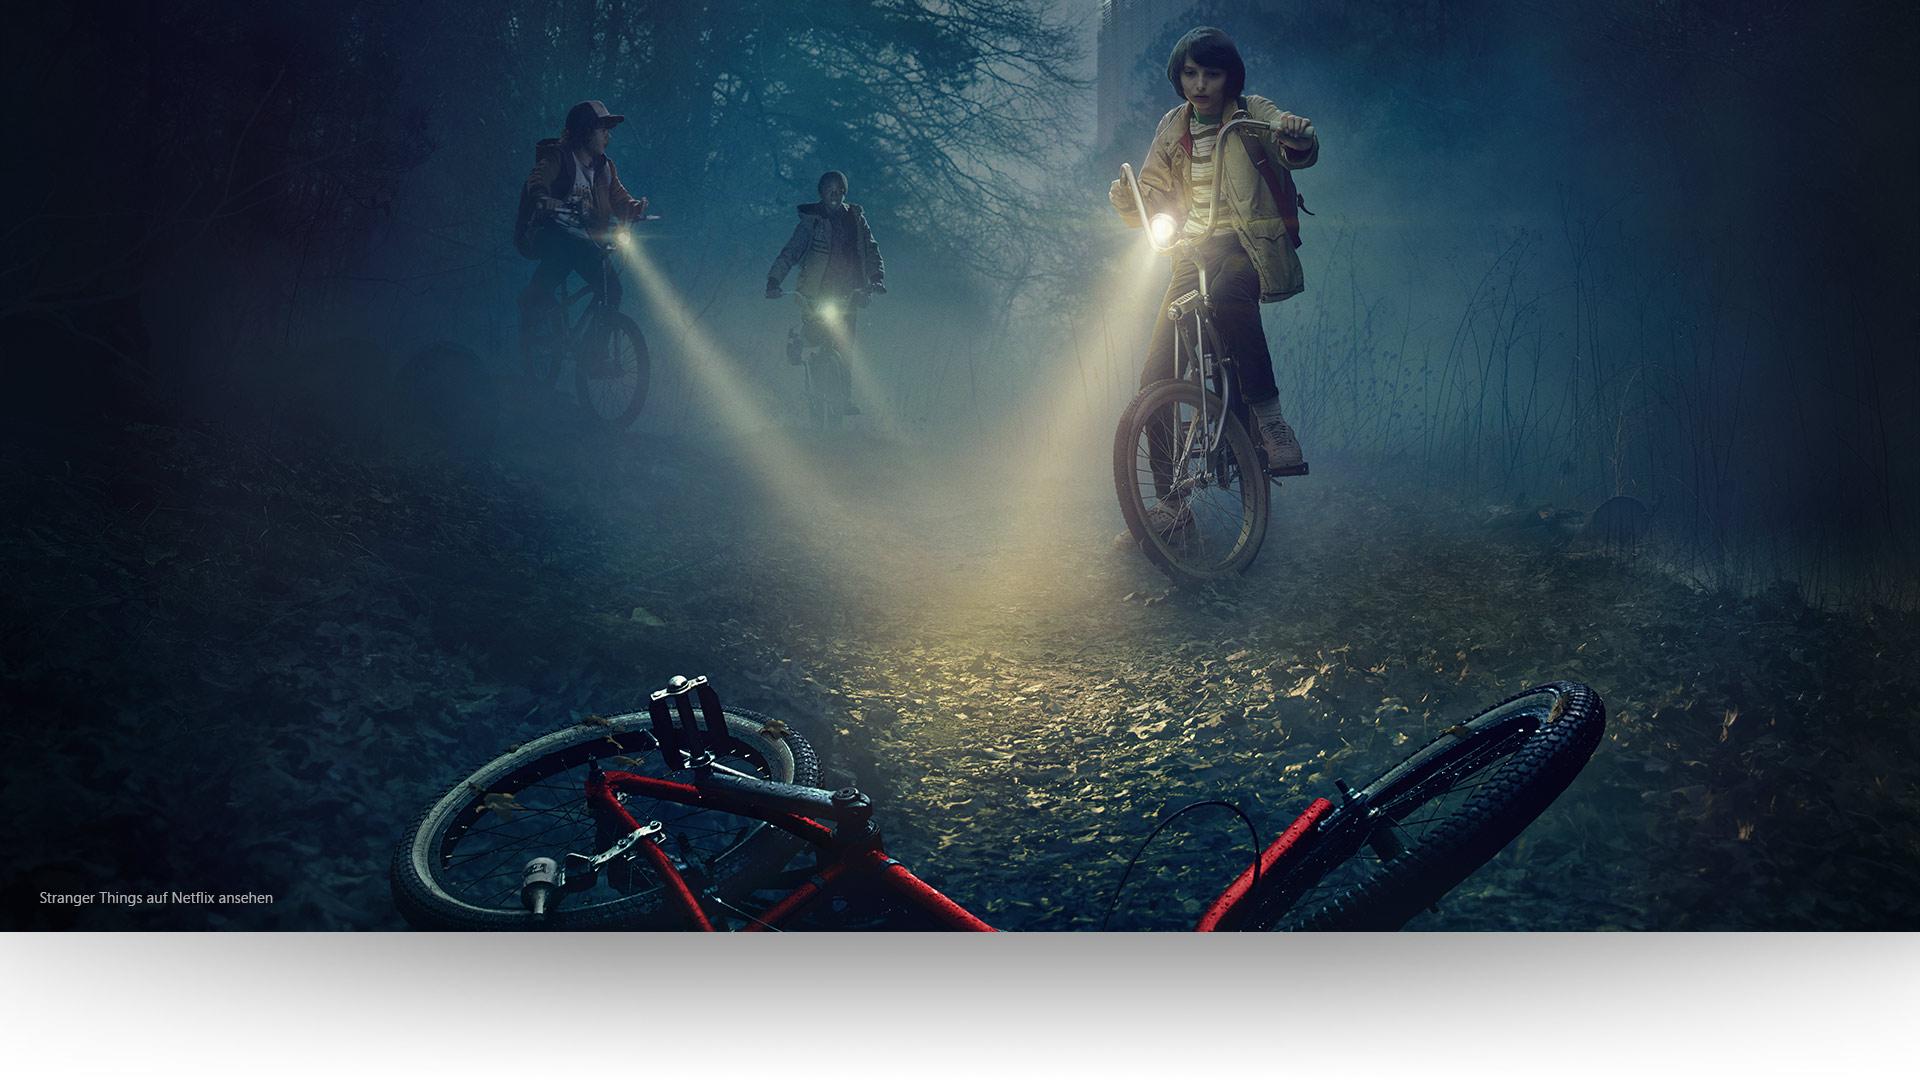 """Eine Szene aus """"Stranger Things"""", in der die Kinder im Wald ein Fahrrad entdecken"""